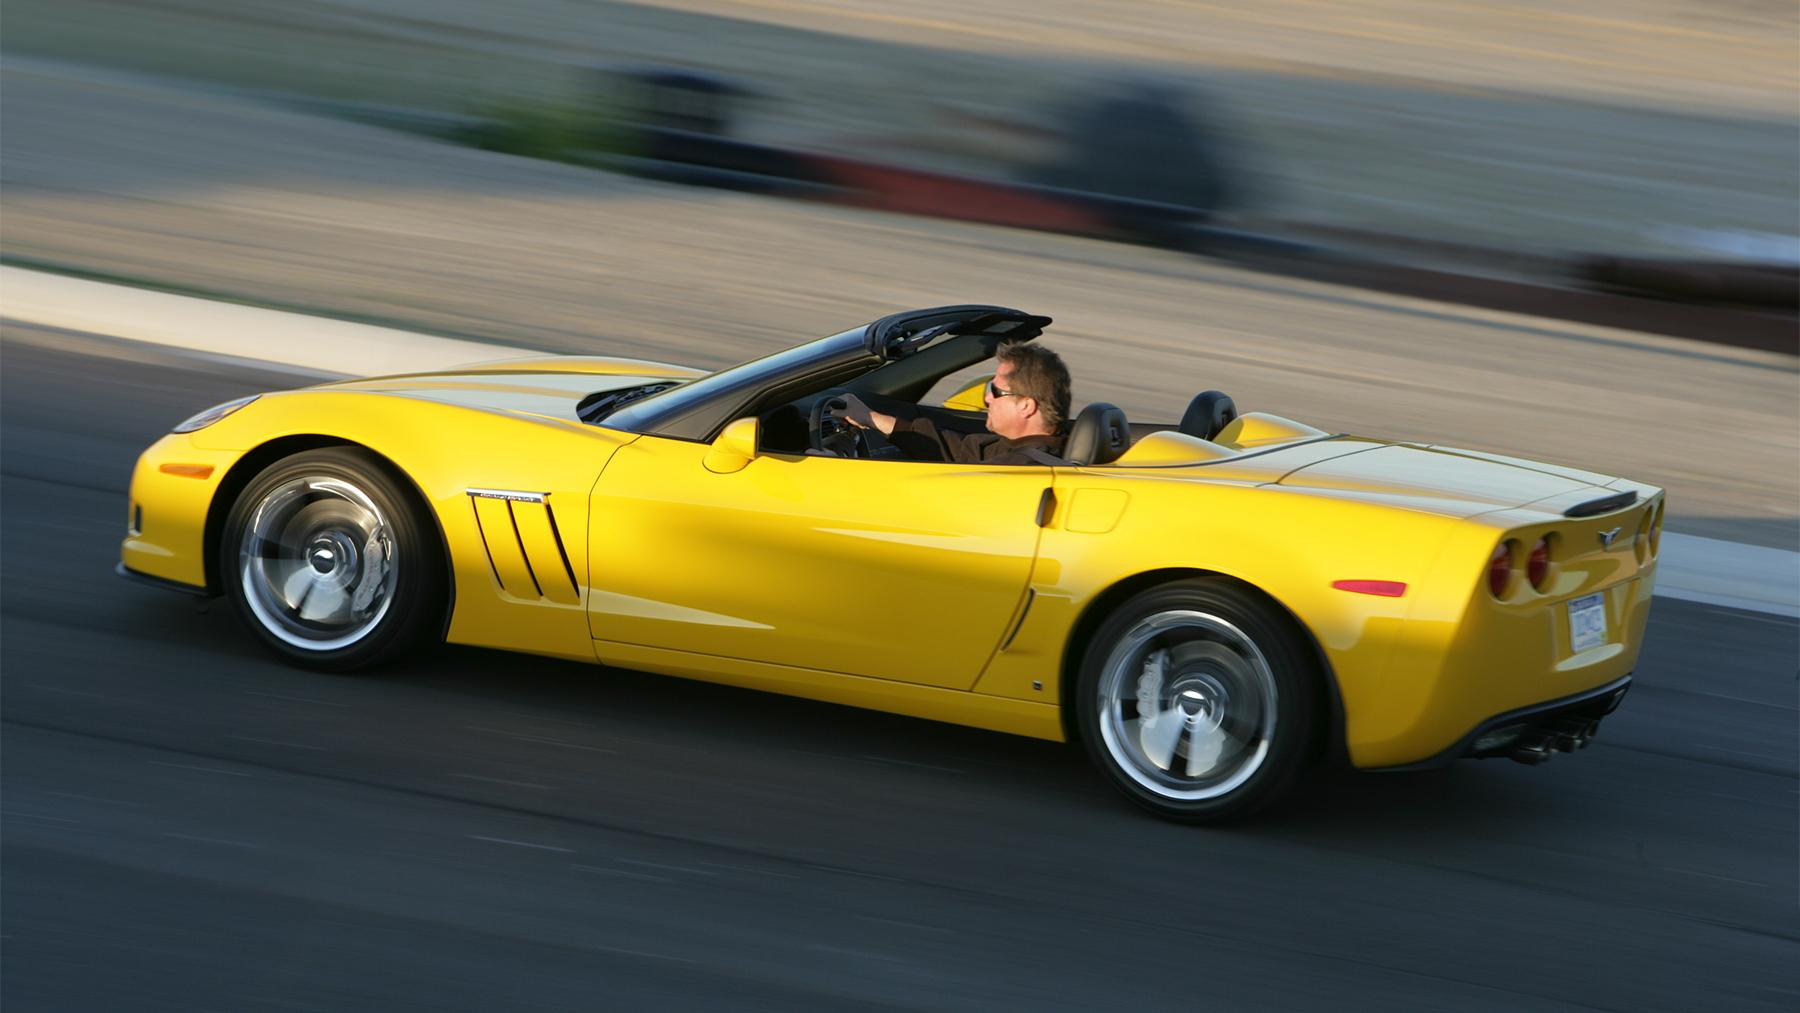 2010 chevrolet corvette grand sport june 006